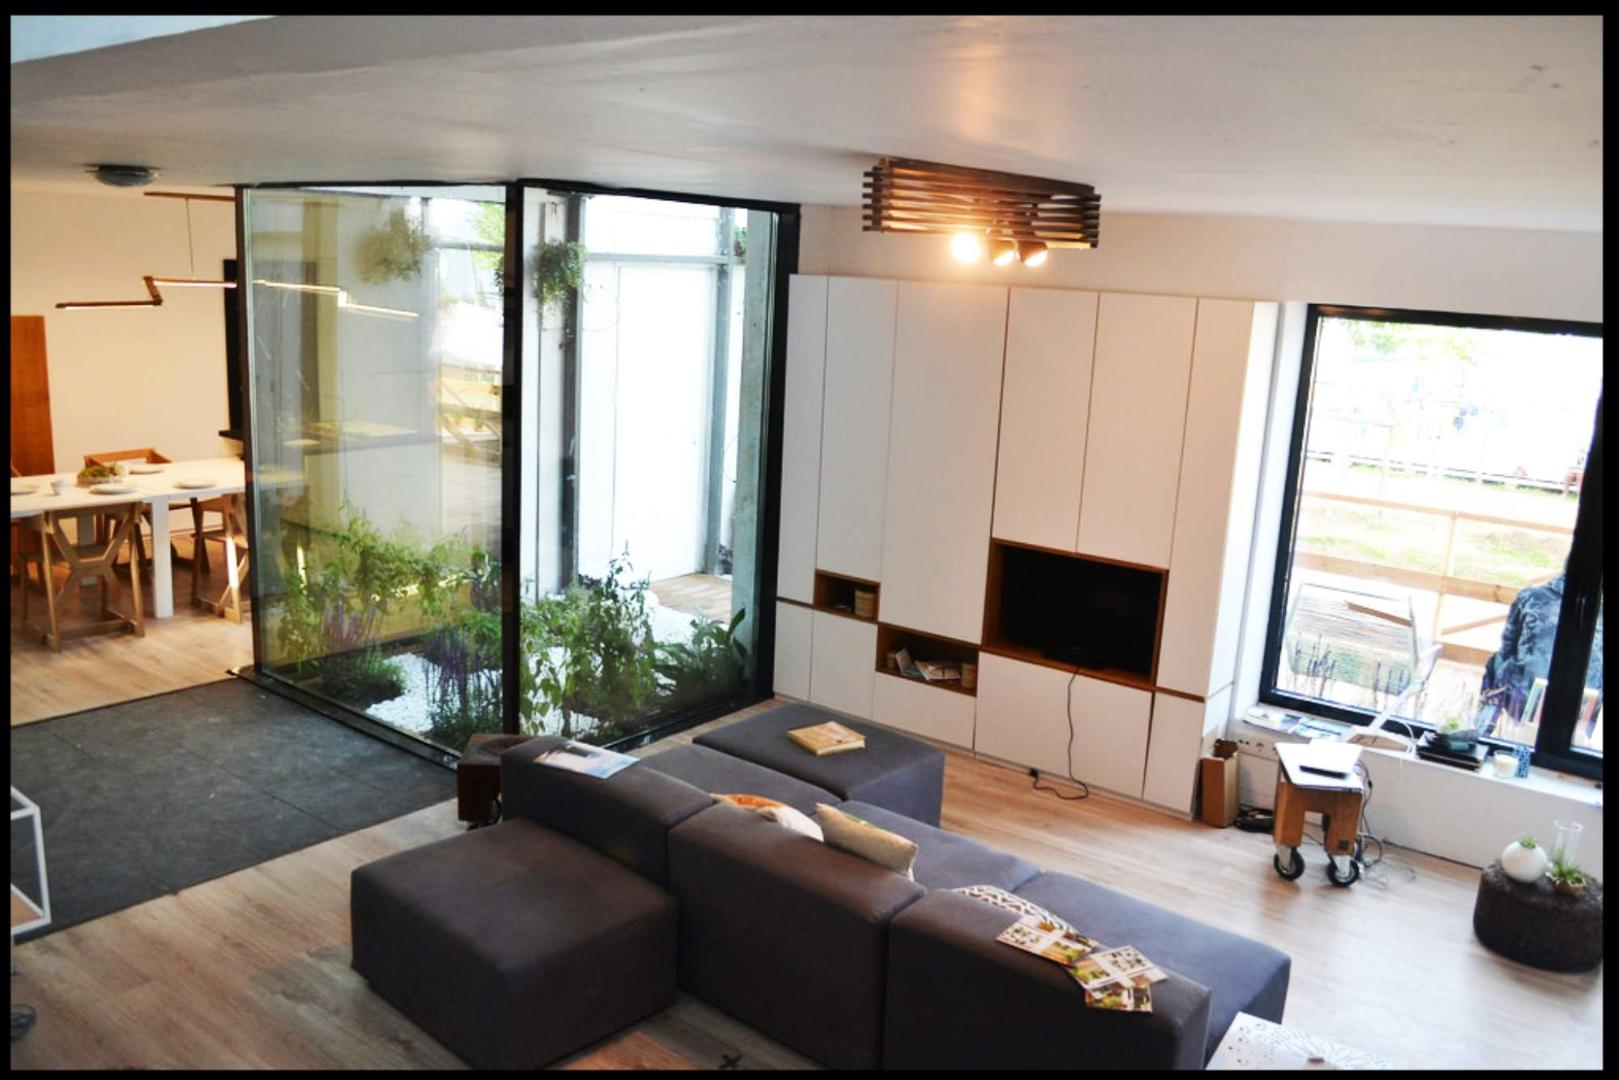 EFdeN mobilier placaj stratificat hpl ultramat bucatarie extensibila dormitor living baie027